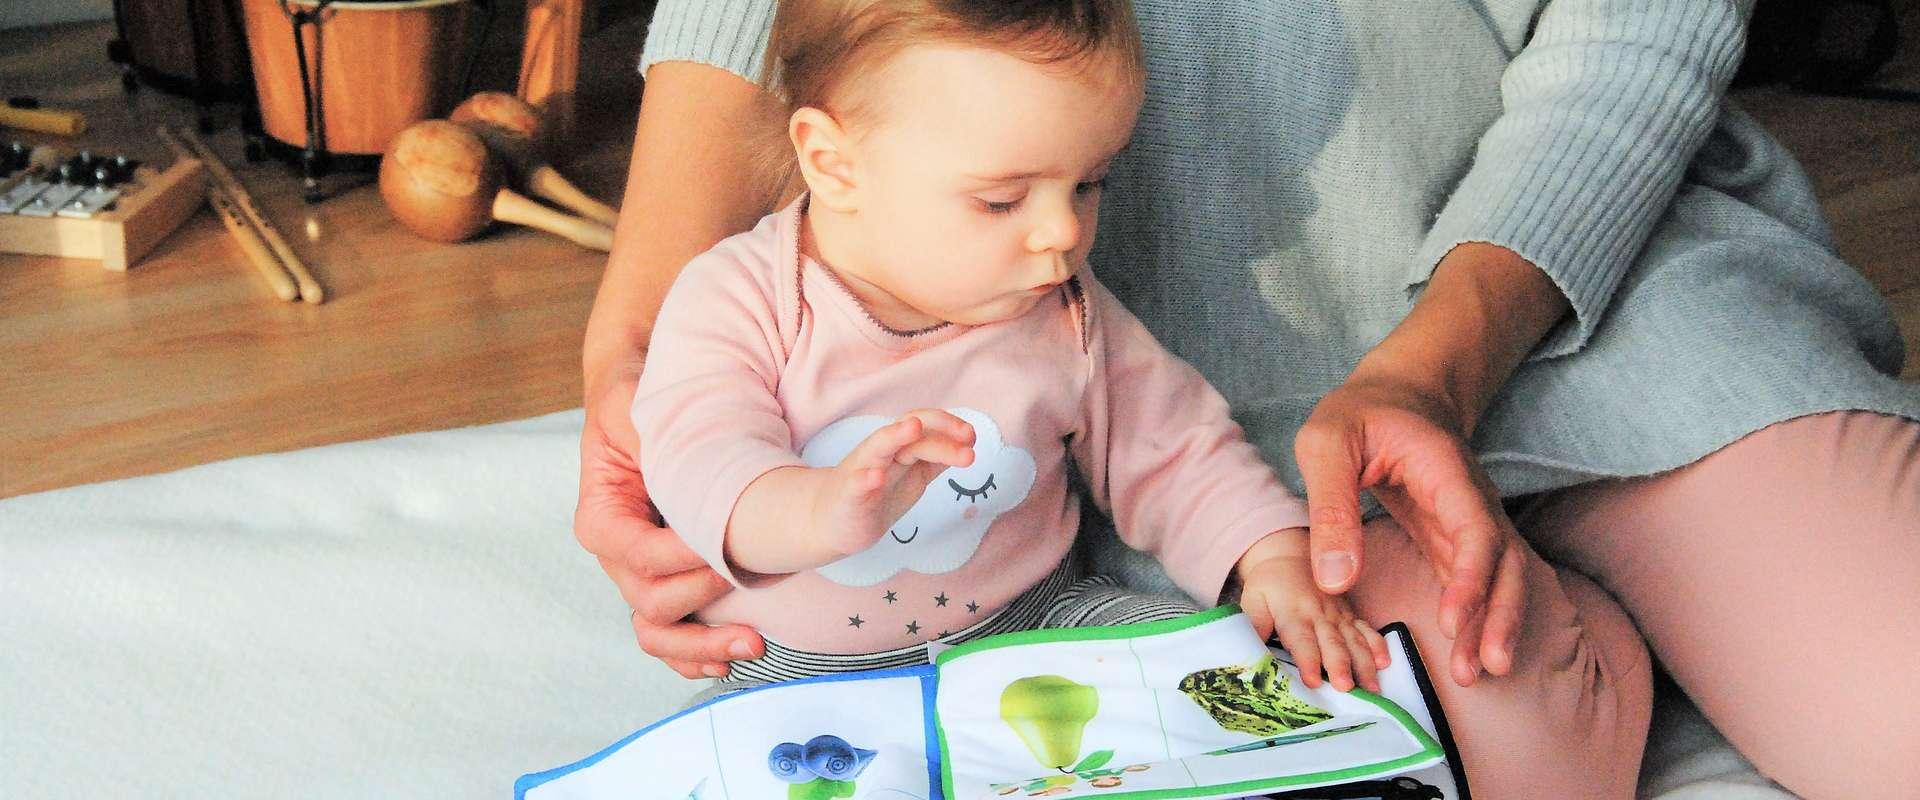 14 طريقةلتطوير لغة طفل السنتين